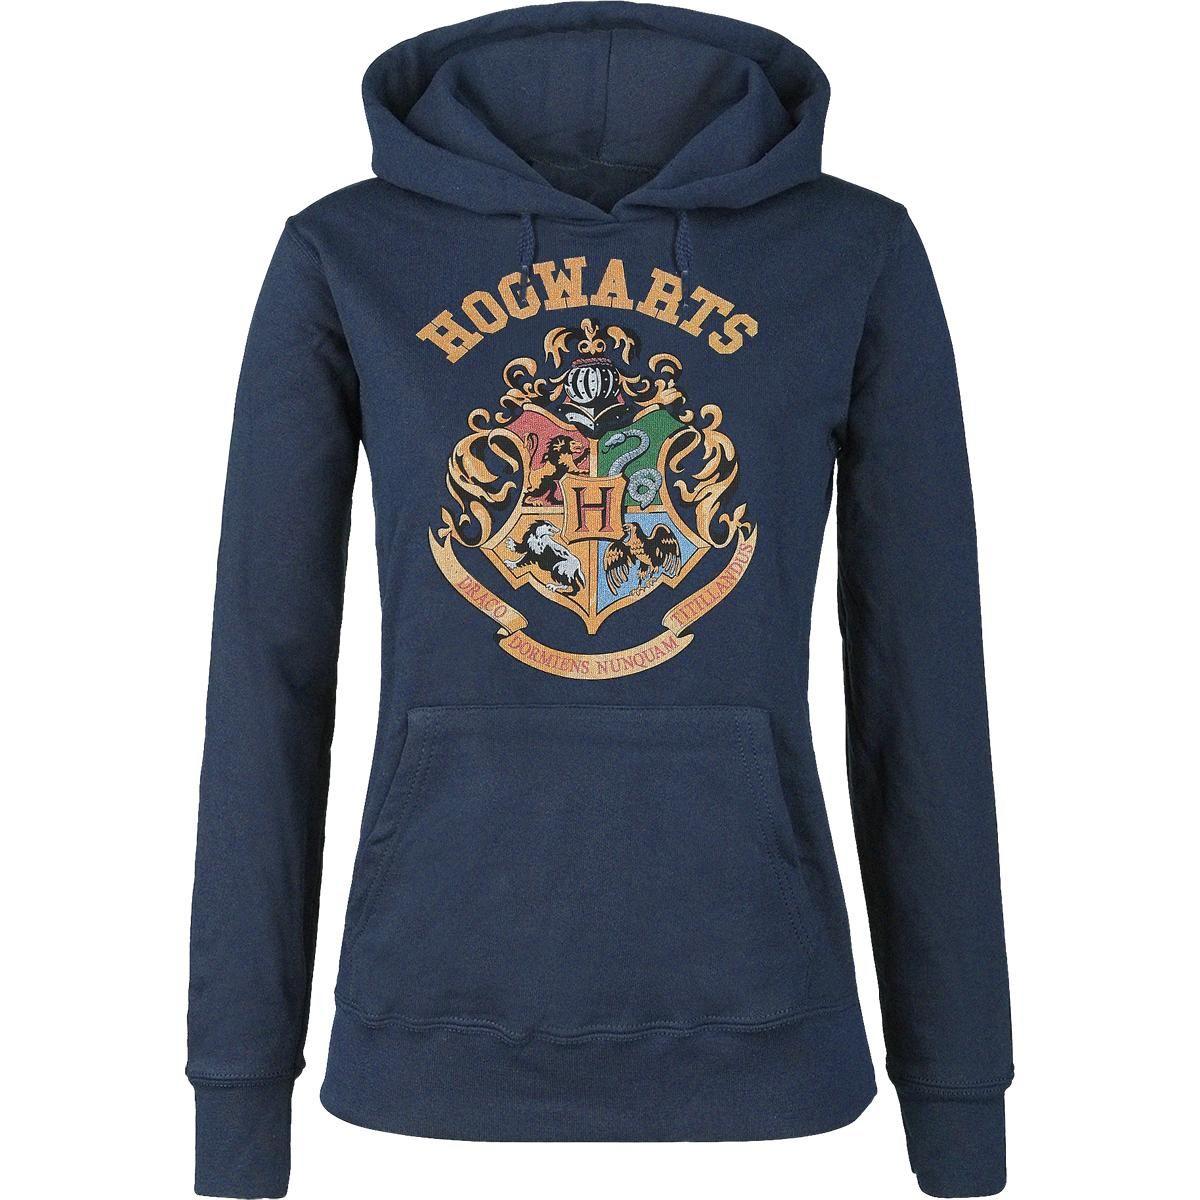 Harry Pinterest Hogwarts Harry Pinterest Potter Hogwarts Potter Harry Hogwarts n1qxPRC